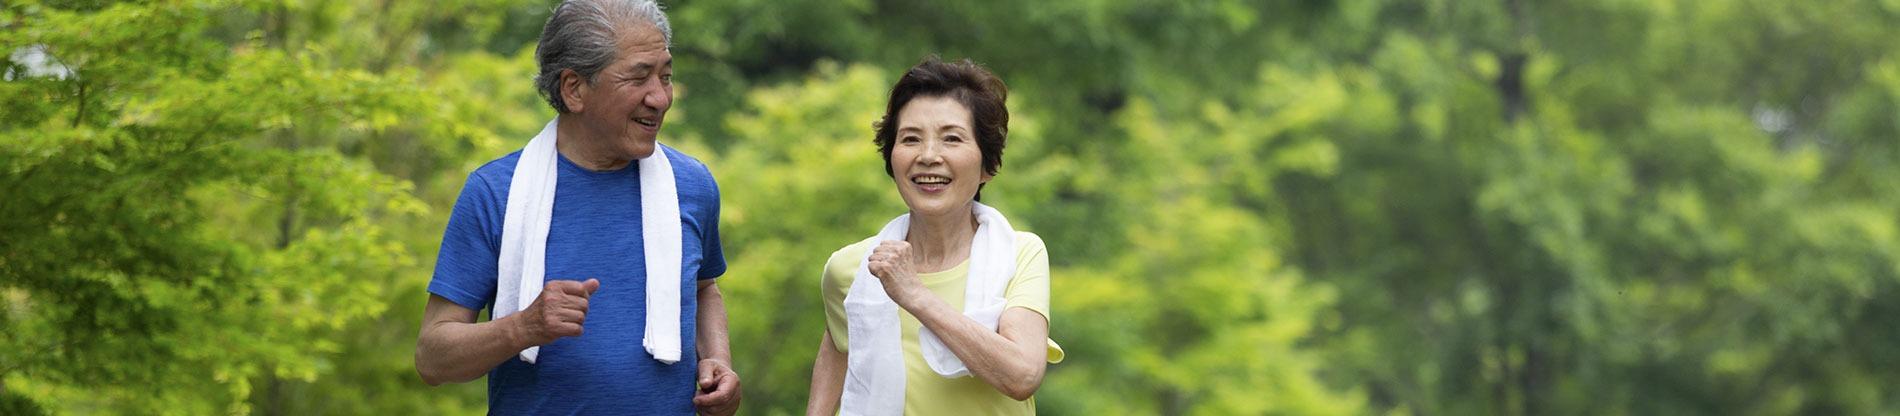 couple exercising - About Cardiometabolic Medicine